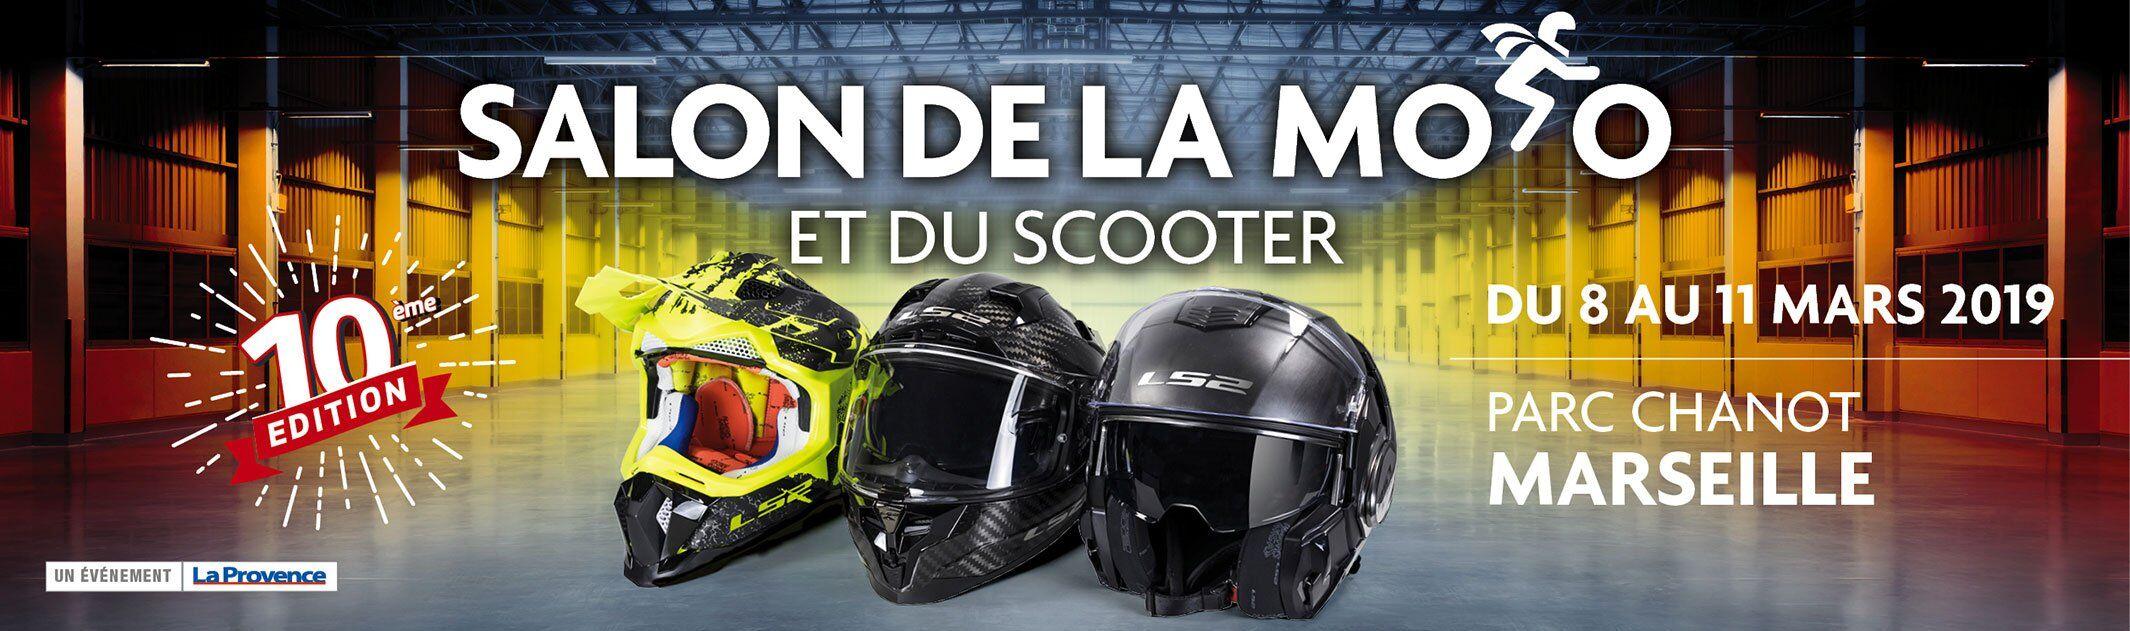 Salon de la moto et du scooter 2019 au Parc Chanot à Marseille